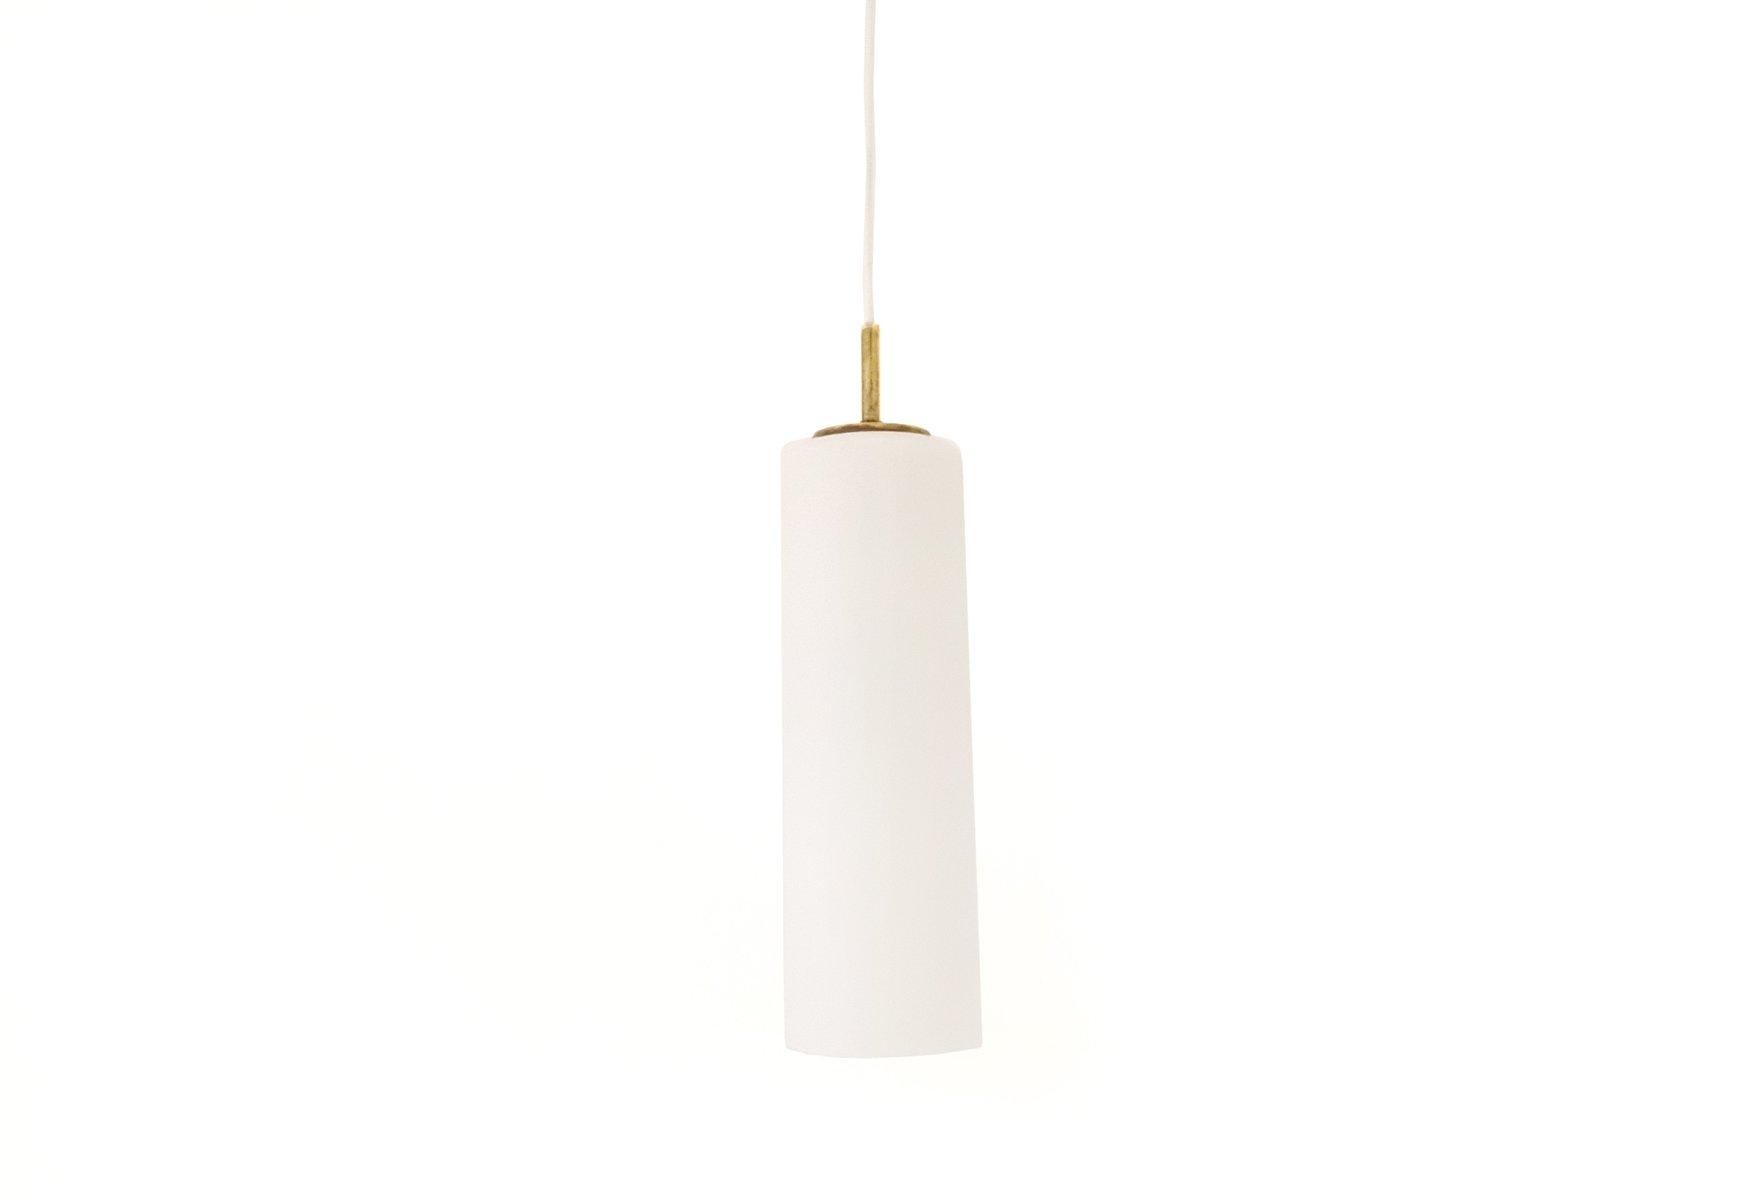 Italienische Weiße Murano Glas Lampe von Gino Vistosi, 1960er